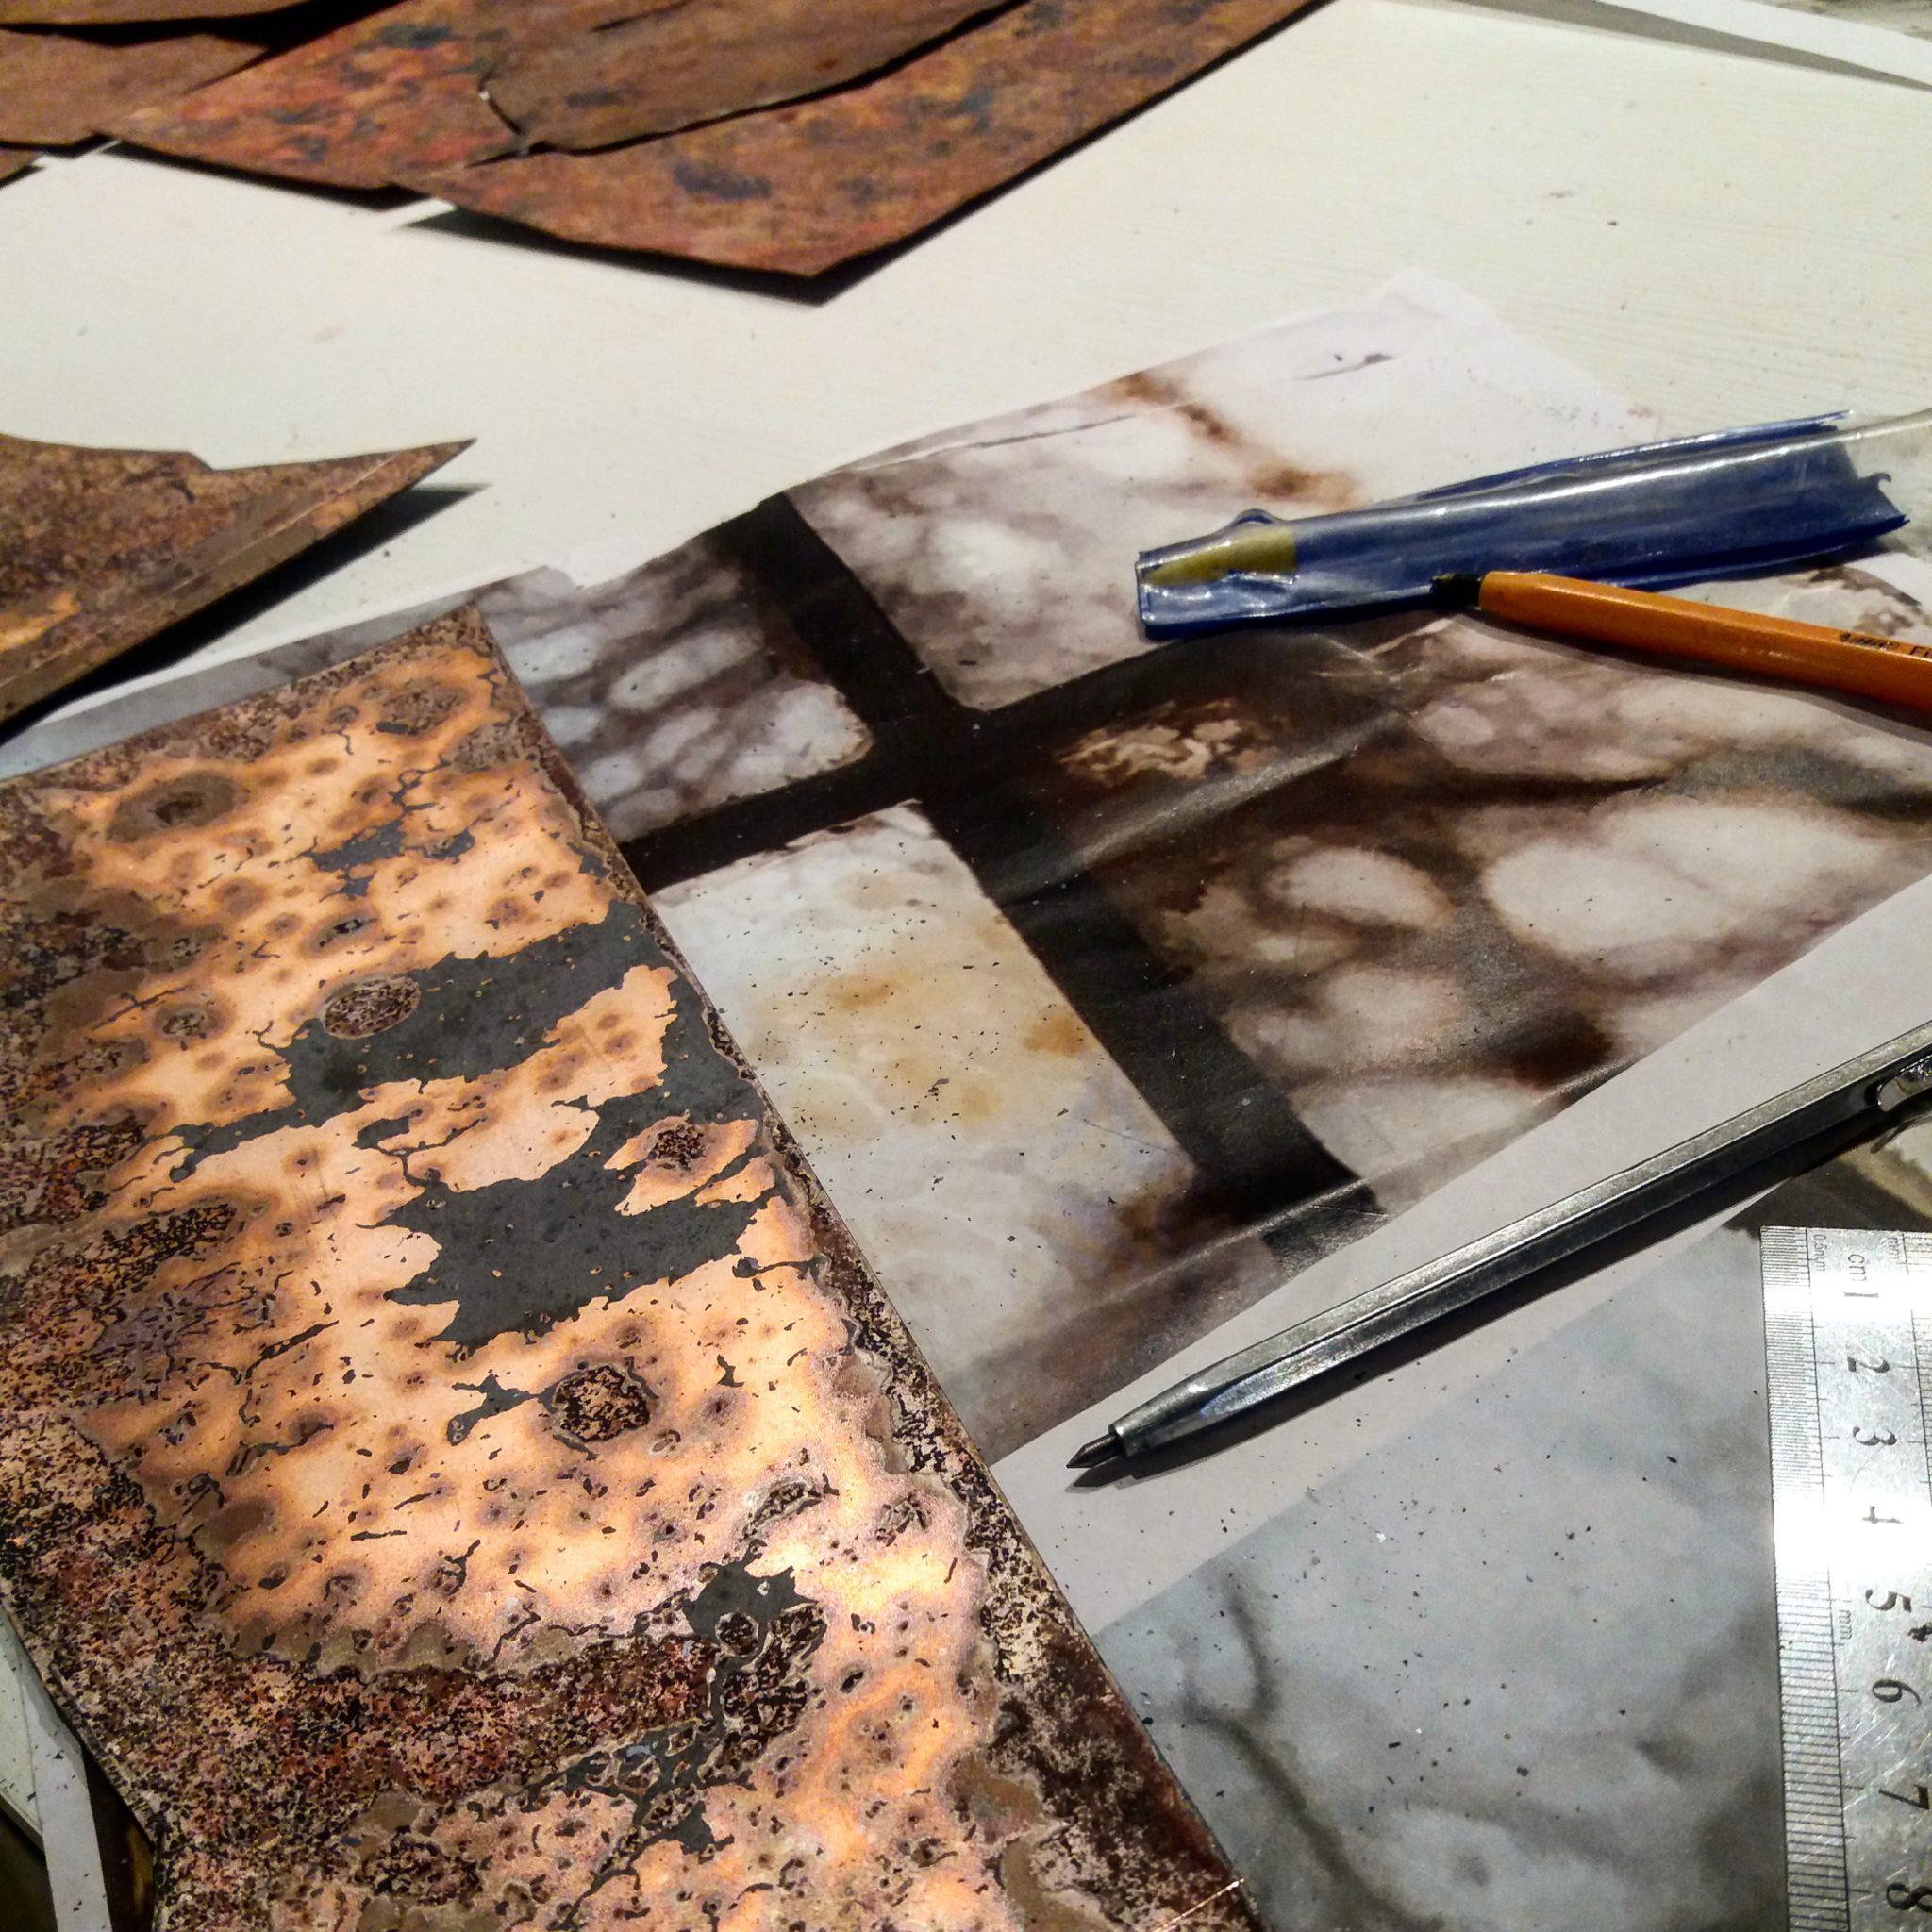 Exposition Dialogue - préparation de la plaque de cuivre pour la création émaillée représentant la photo de la fenêtre